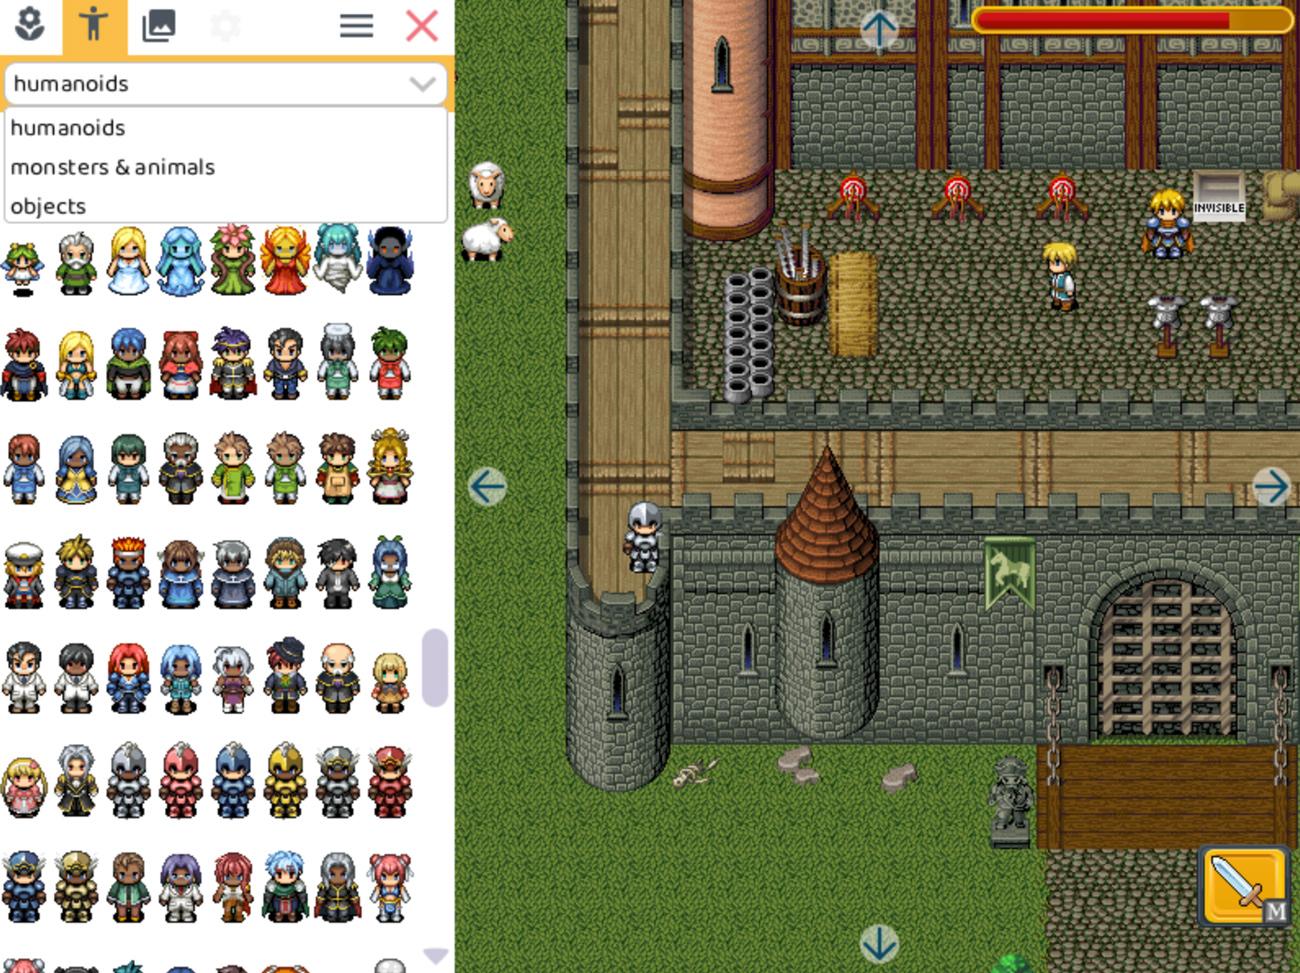 Algunas de las posibilidades de personajes en RPG Playgroun